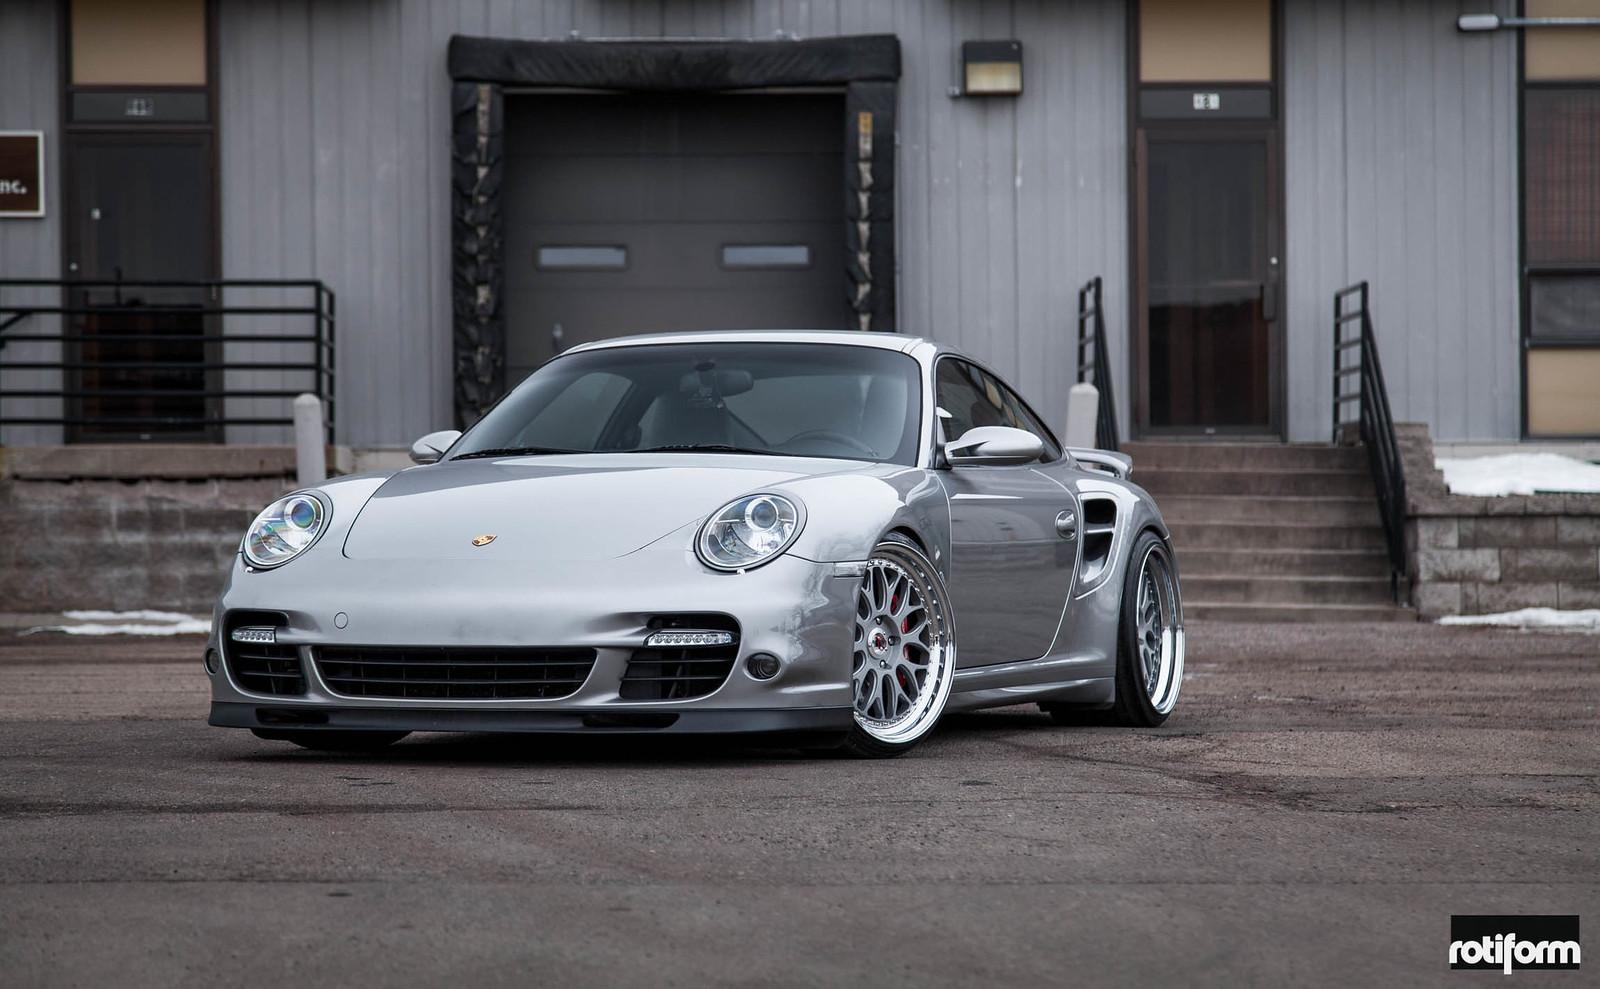 Porsche 997 Turbo >> Porsche 997 Turbo - Rotiform DAB   Flickr